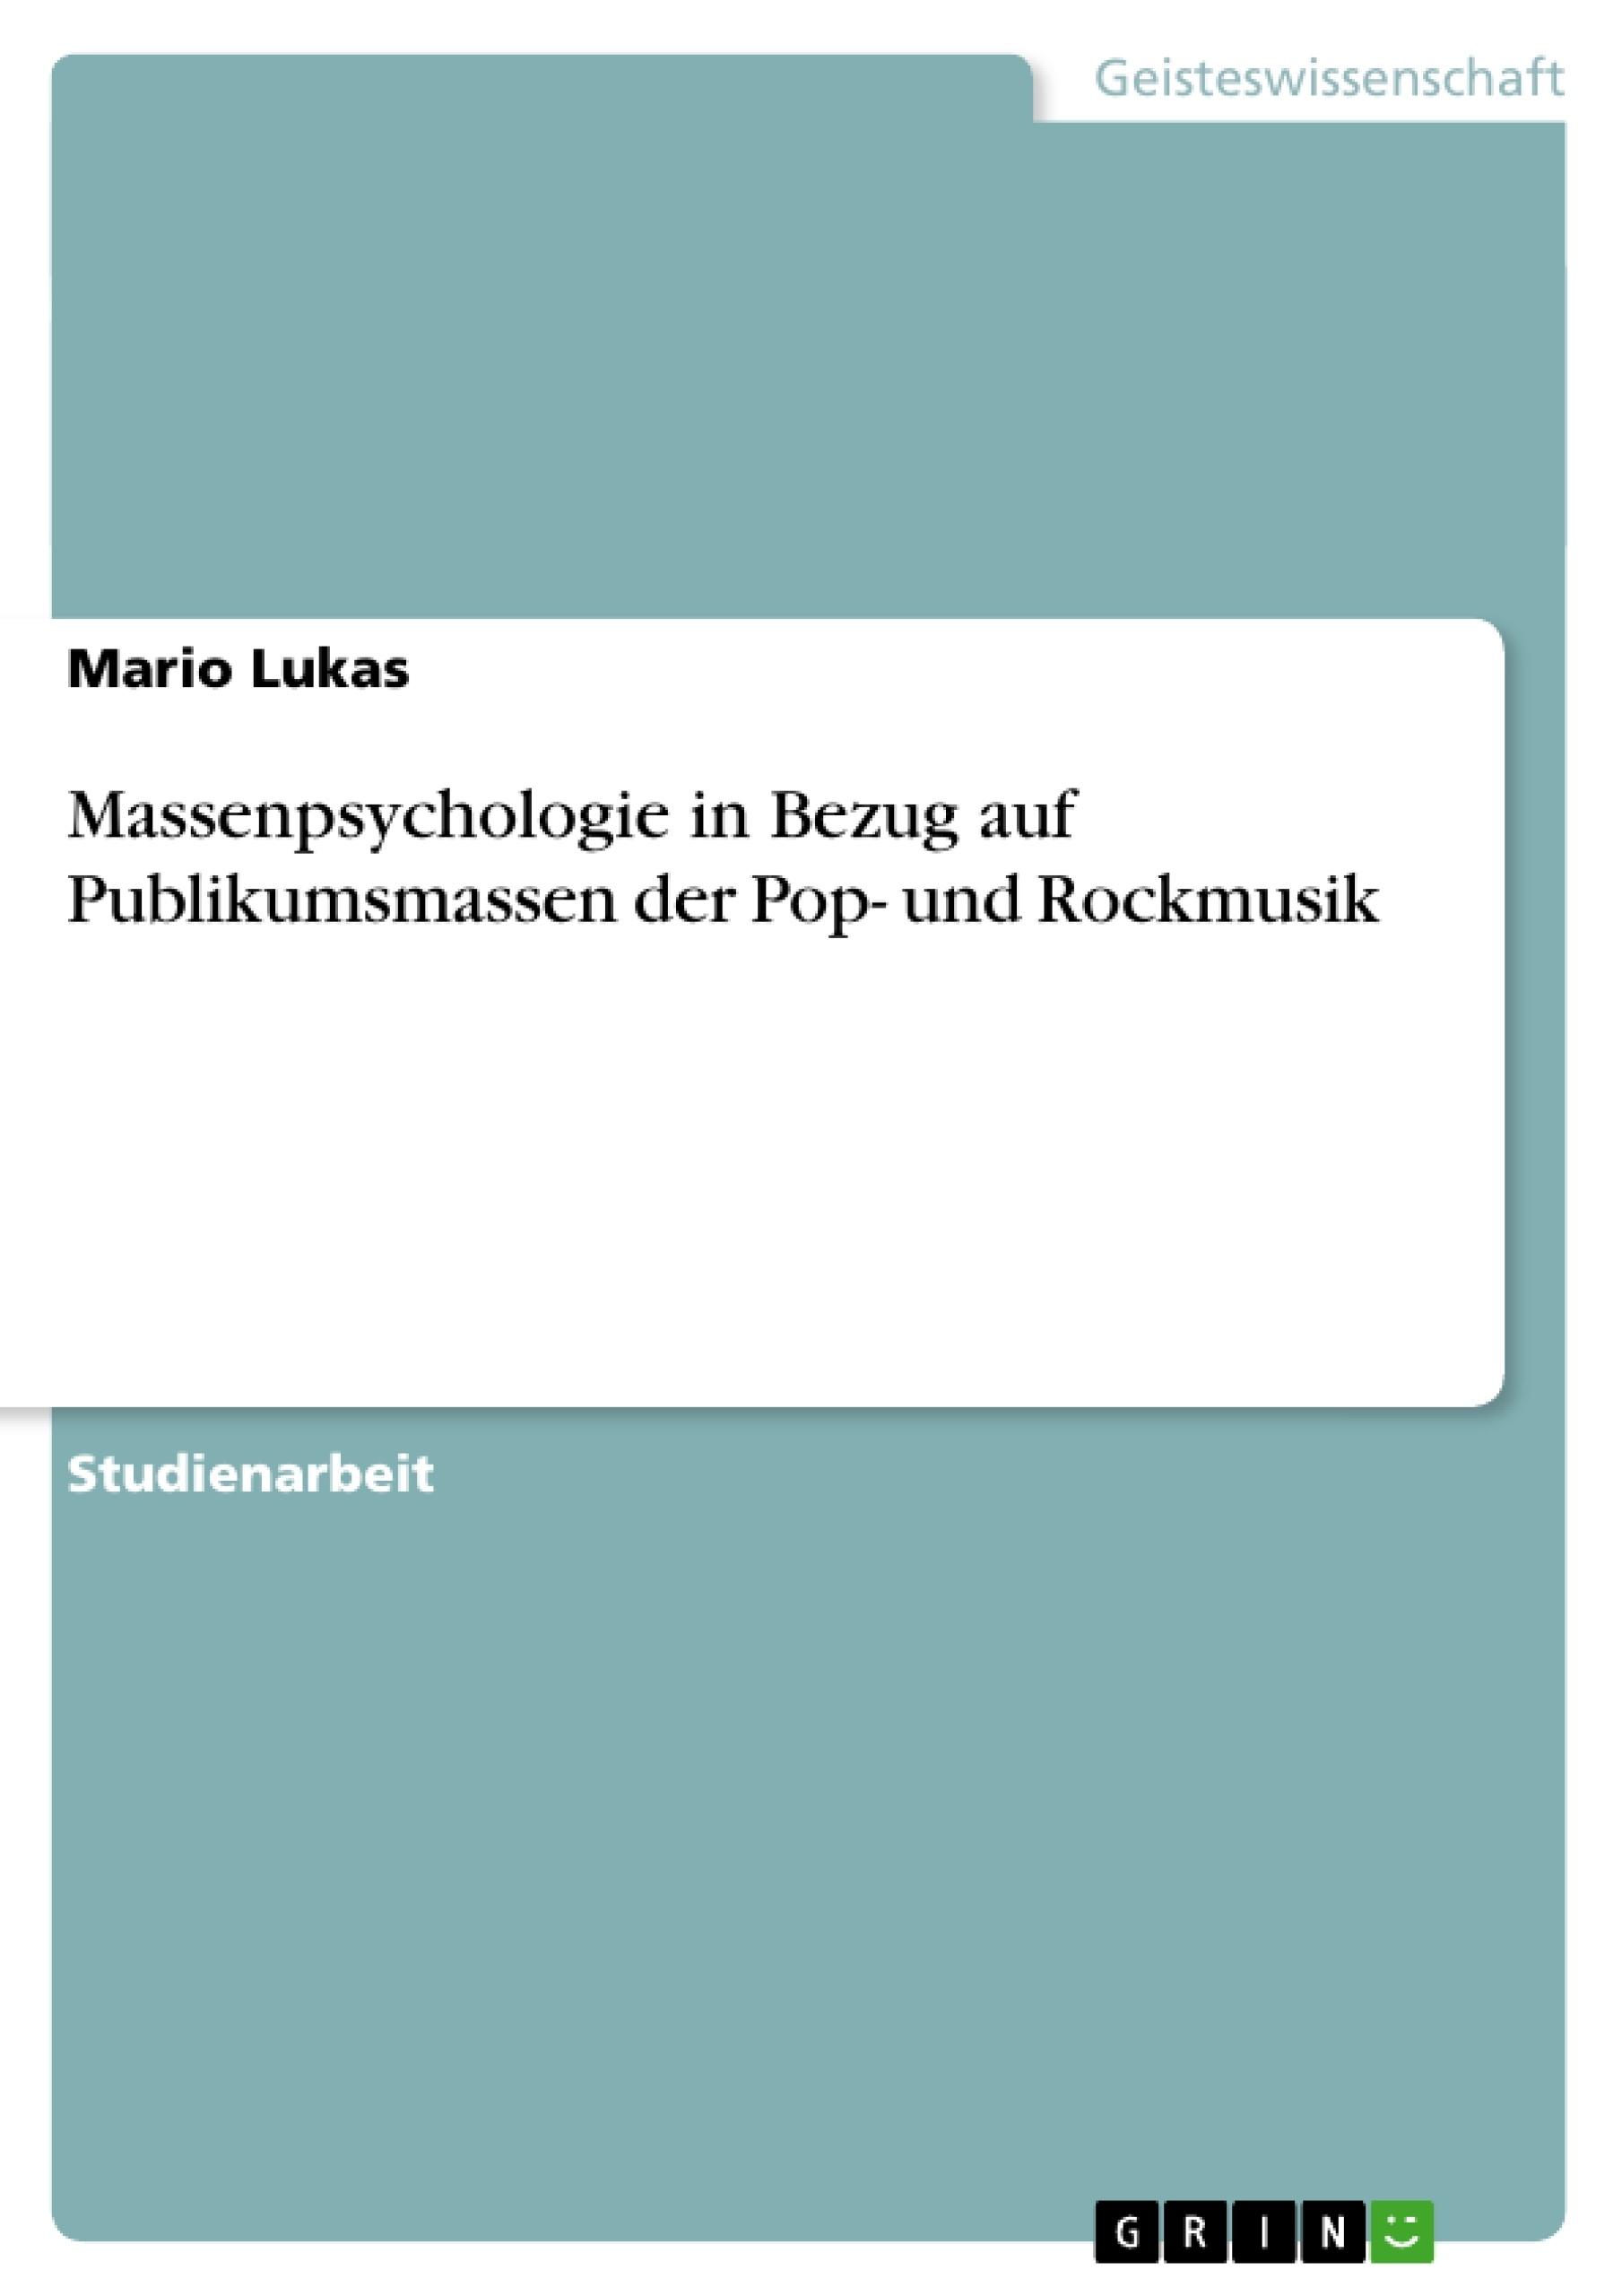 Titel: Massenpsychologie in Bezug auf Publikumsmassen der Pop- und Rockmusik